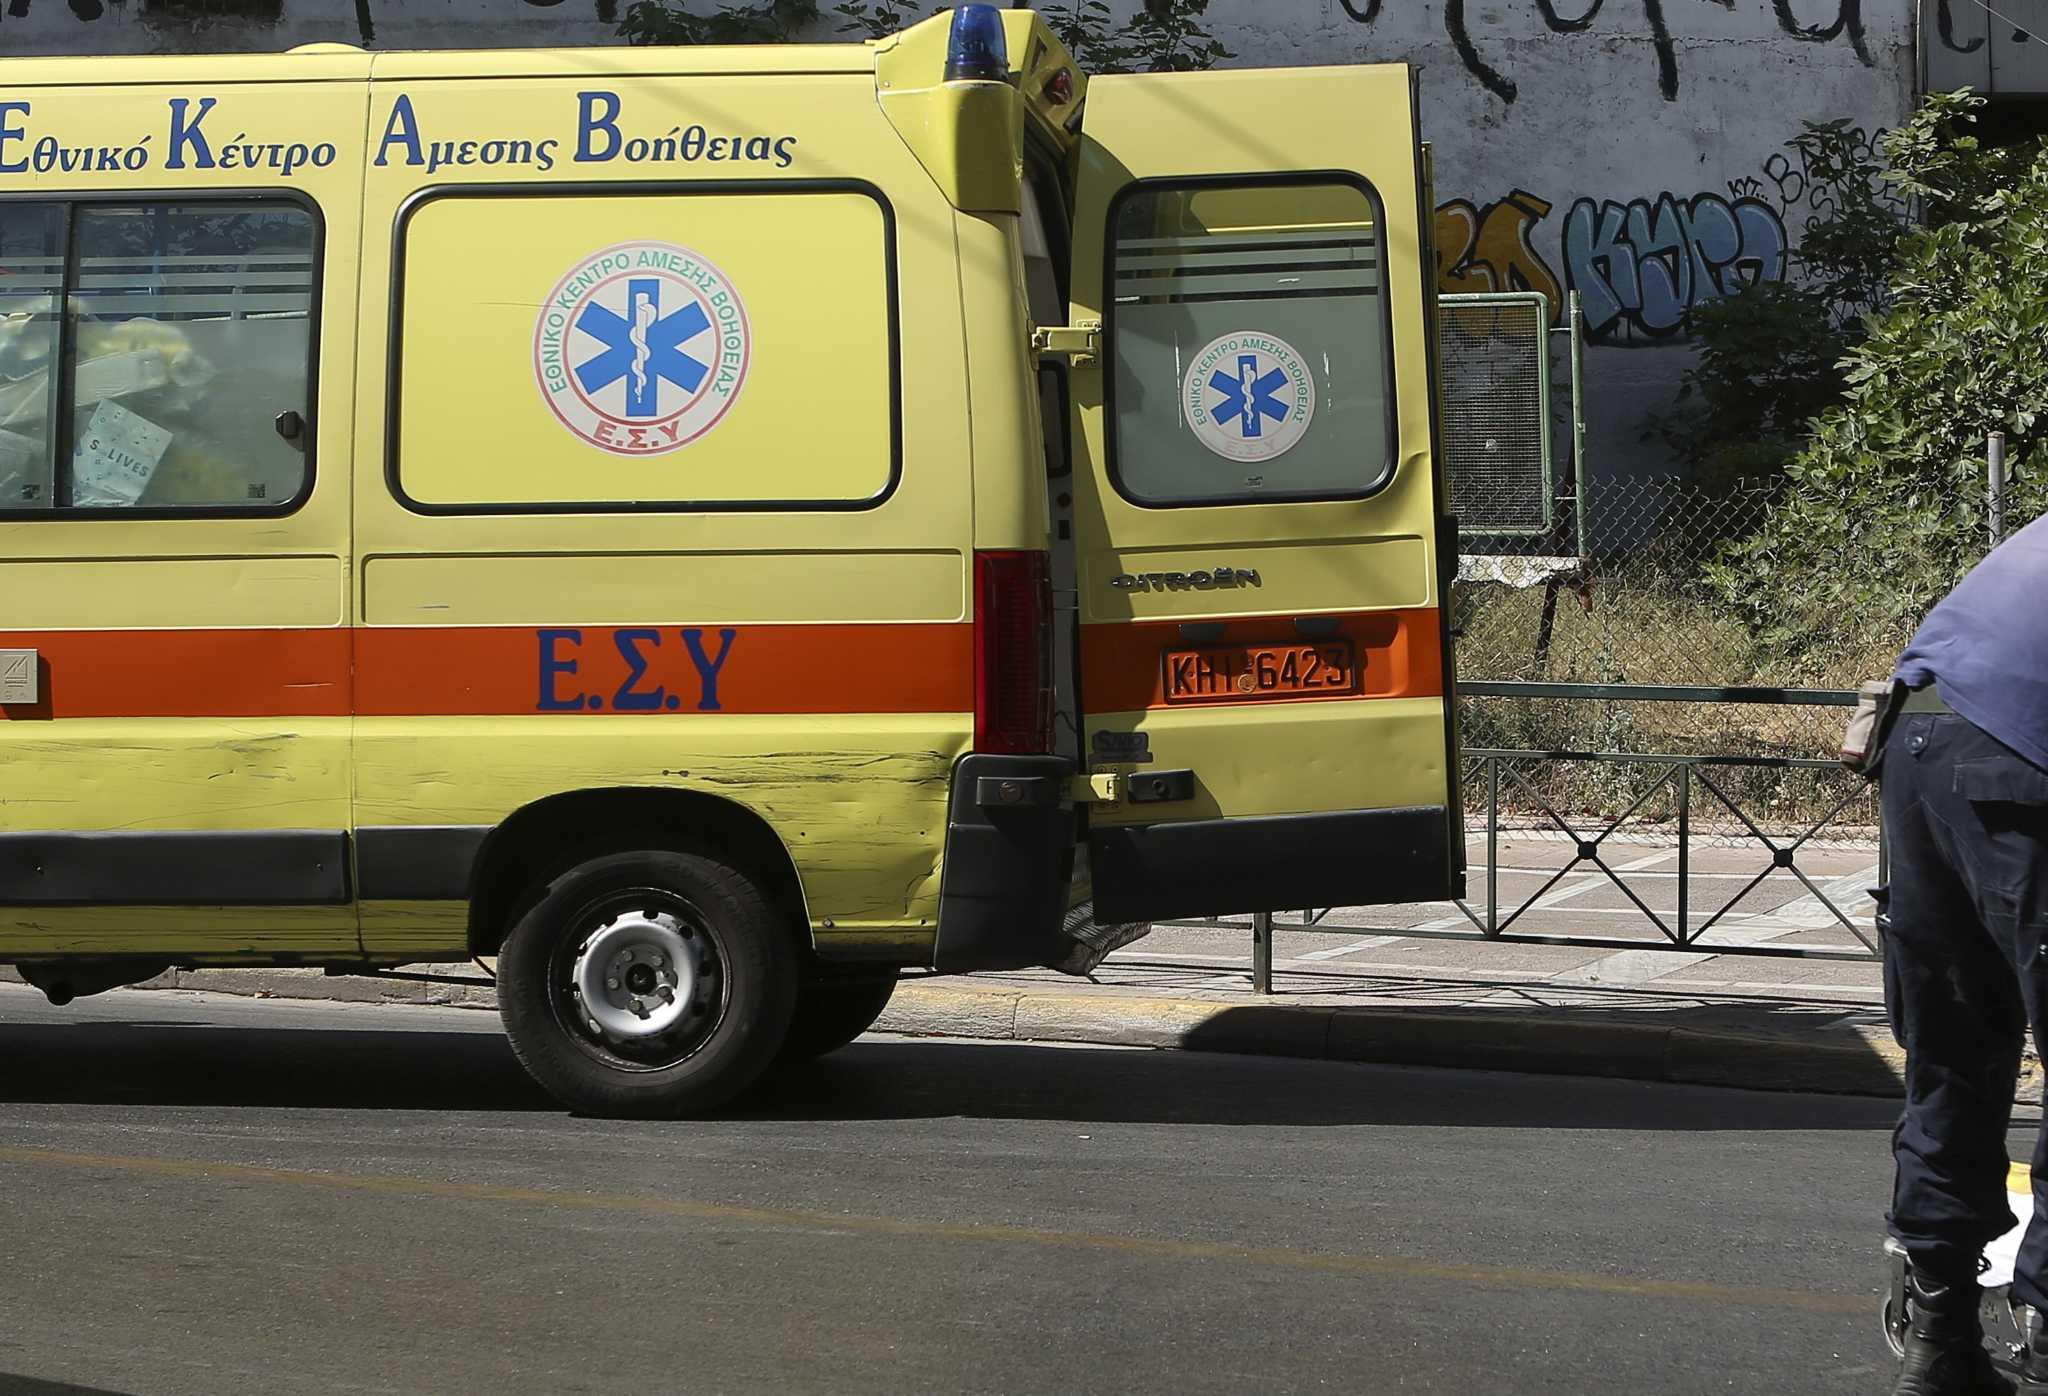 Εύβοια: Αυτοκίνητο έπεσε σε χαράδρα στην Άνω Βάθεια